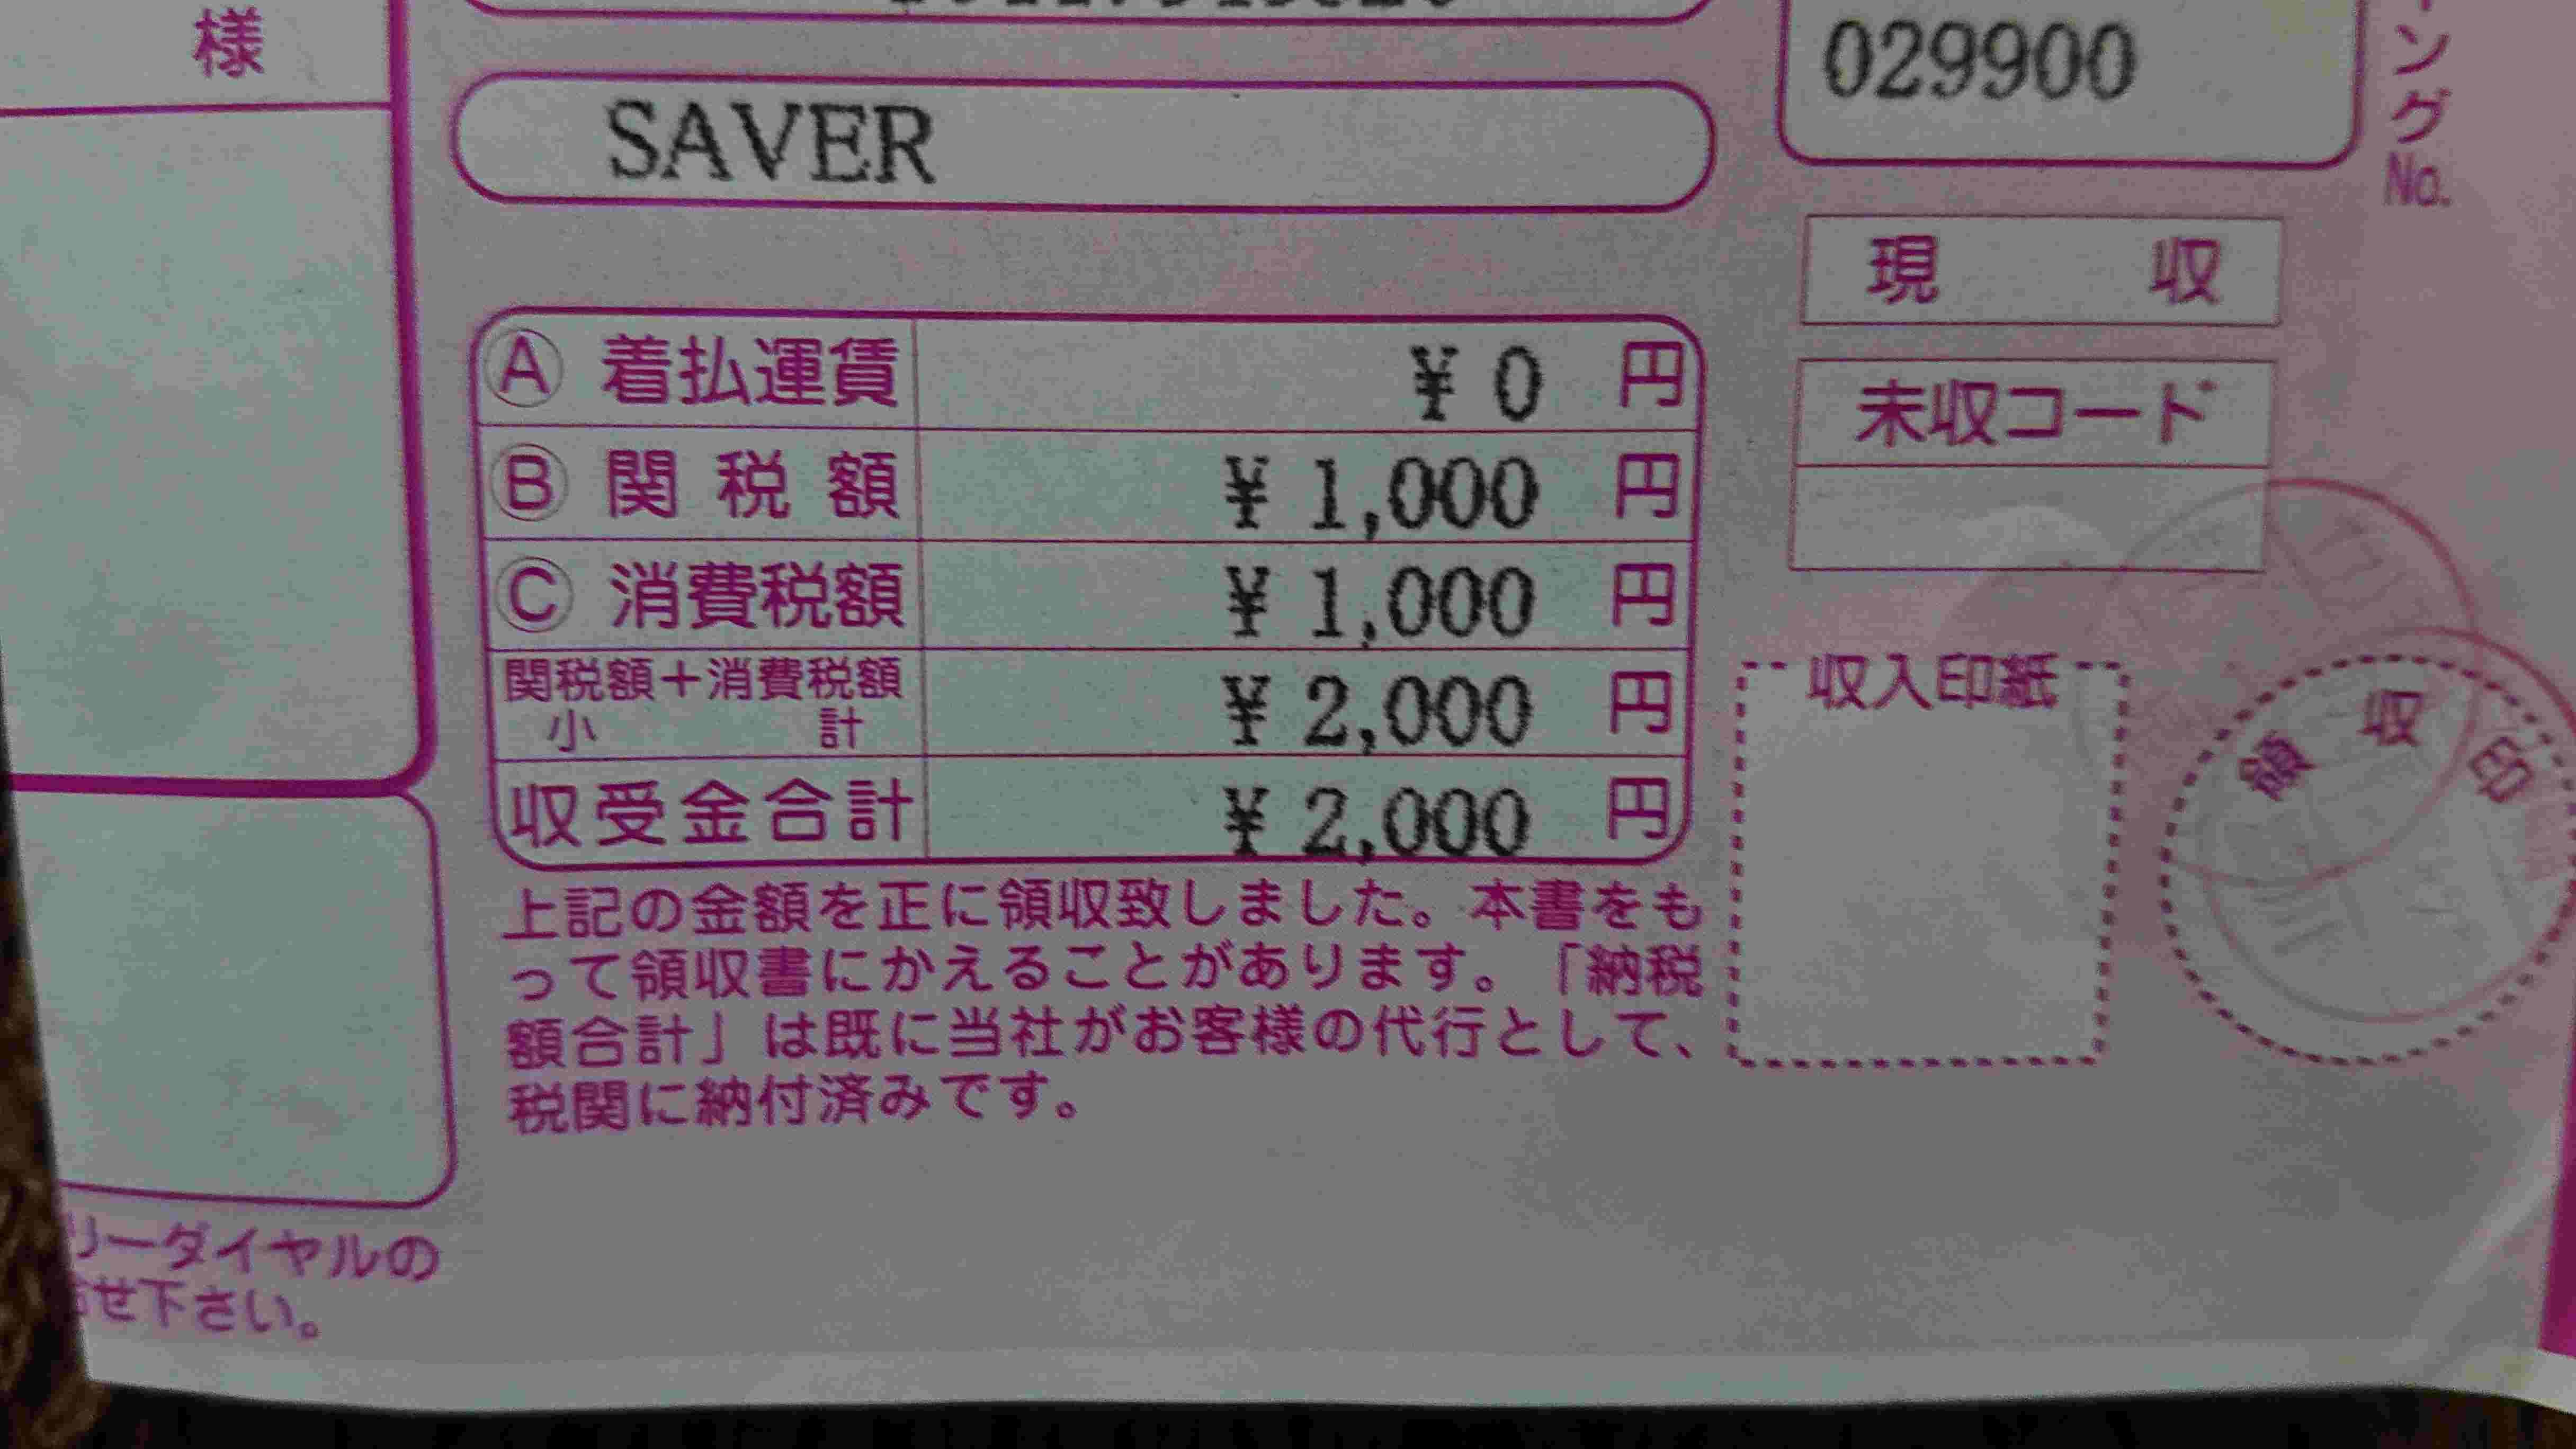 sns.当選品が先程UPSで配達されました。 参考までに、消費税と関税で2000